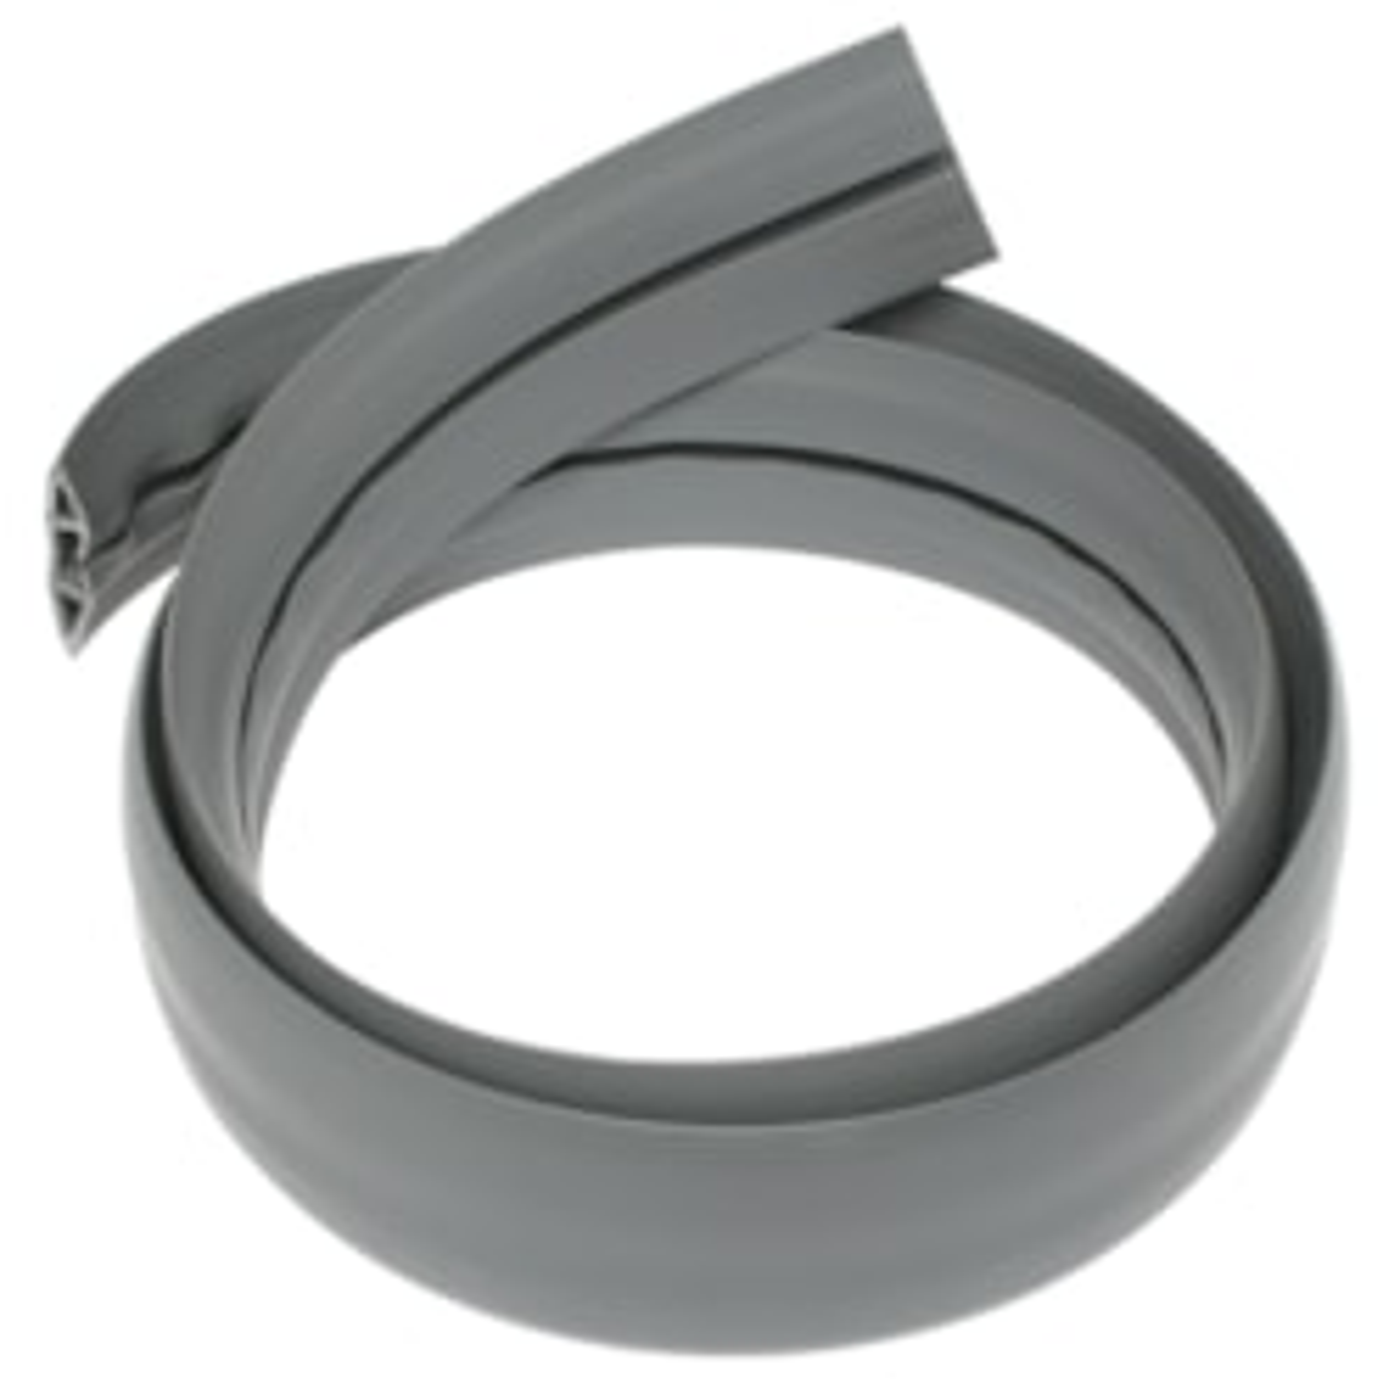 Kensington Protector - Grey - 1 Pack